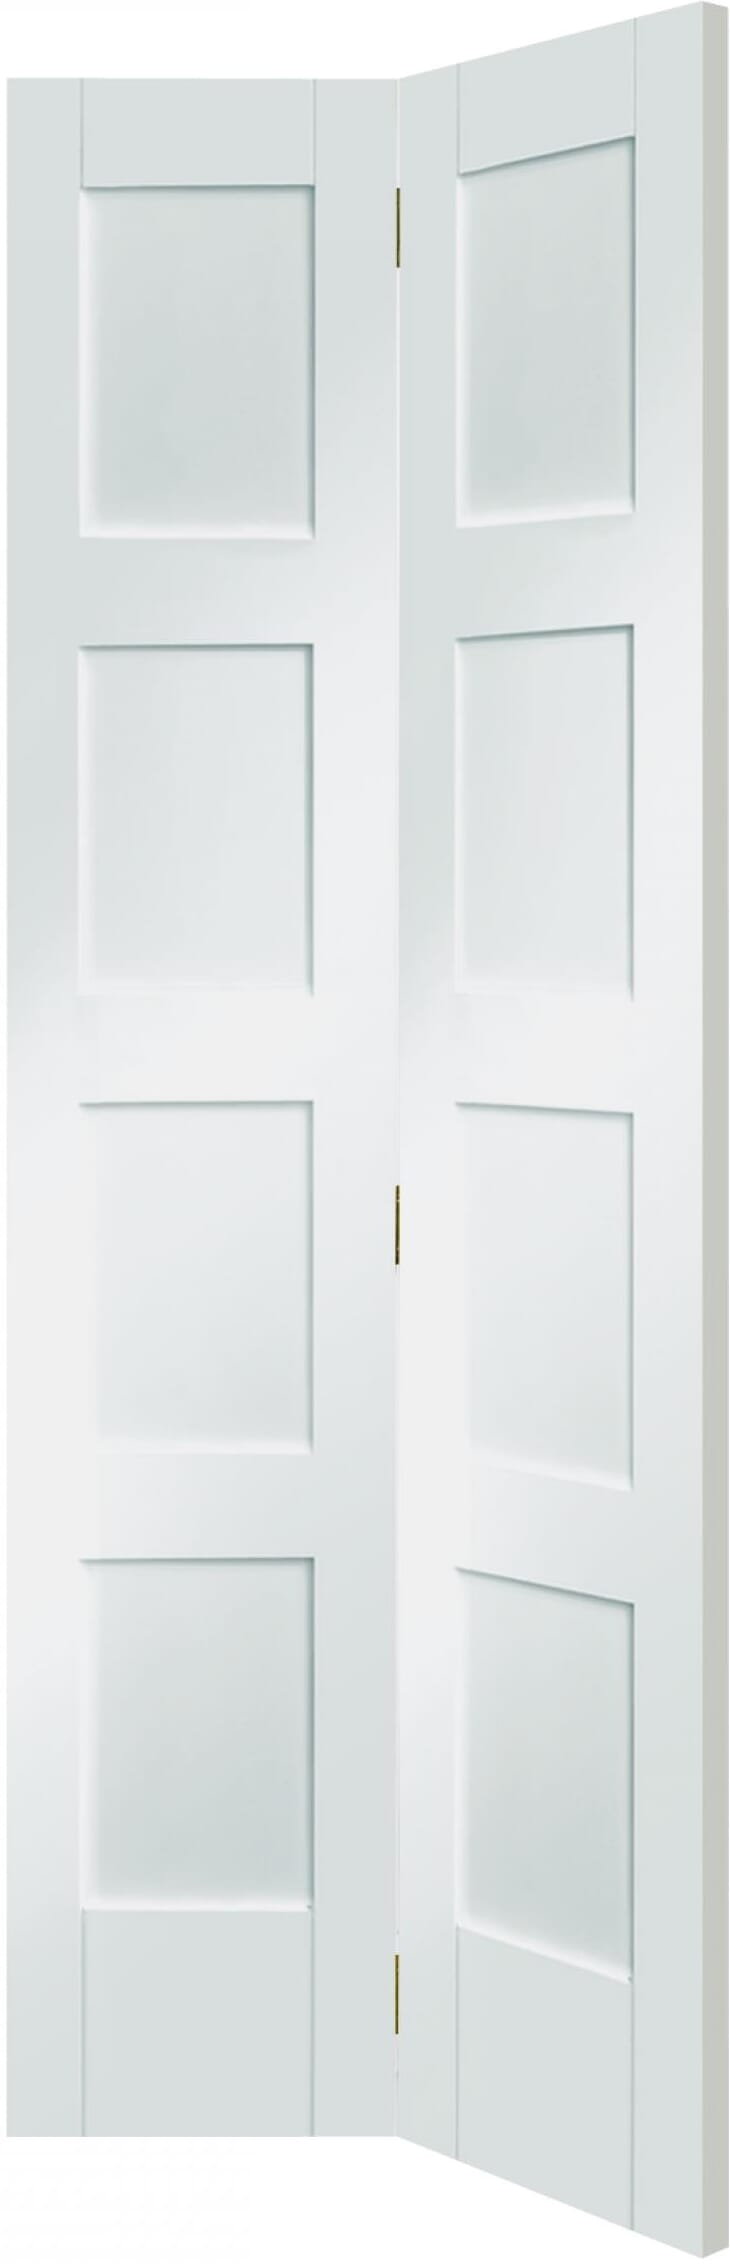 4 Panel White Bi-fold Image